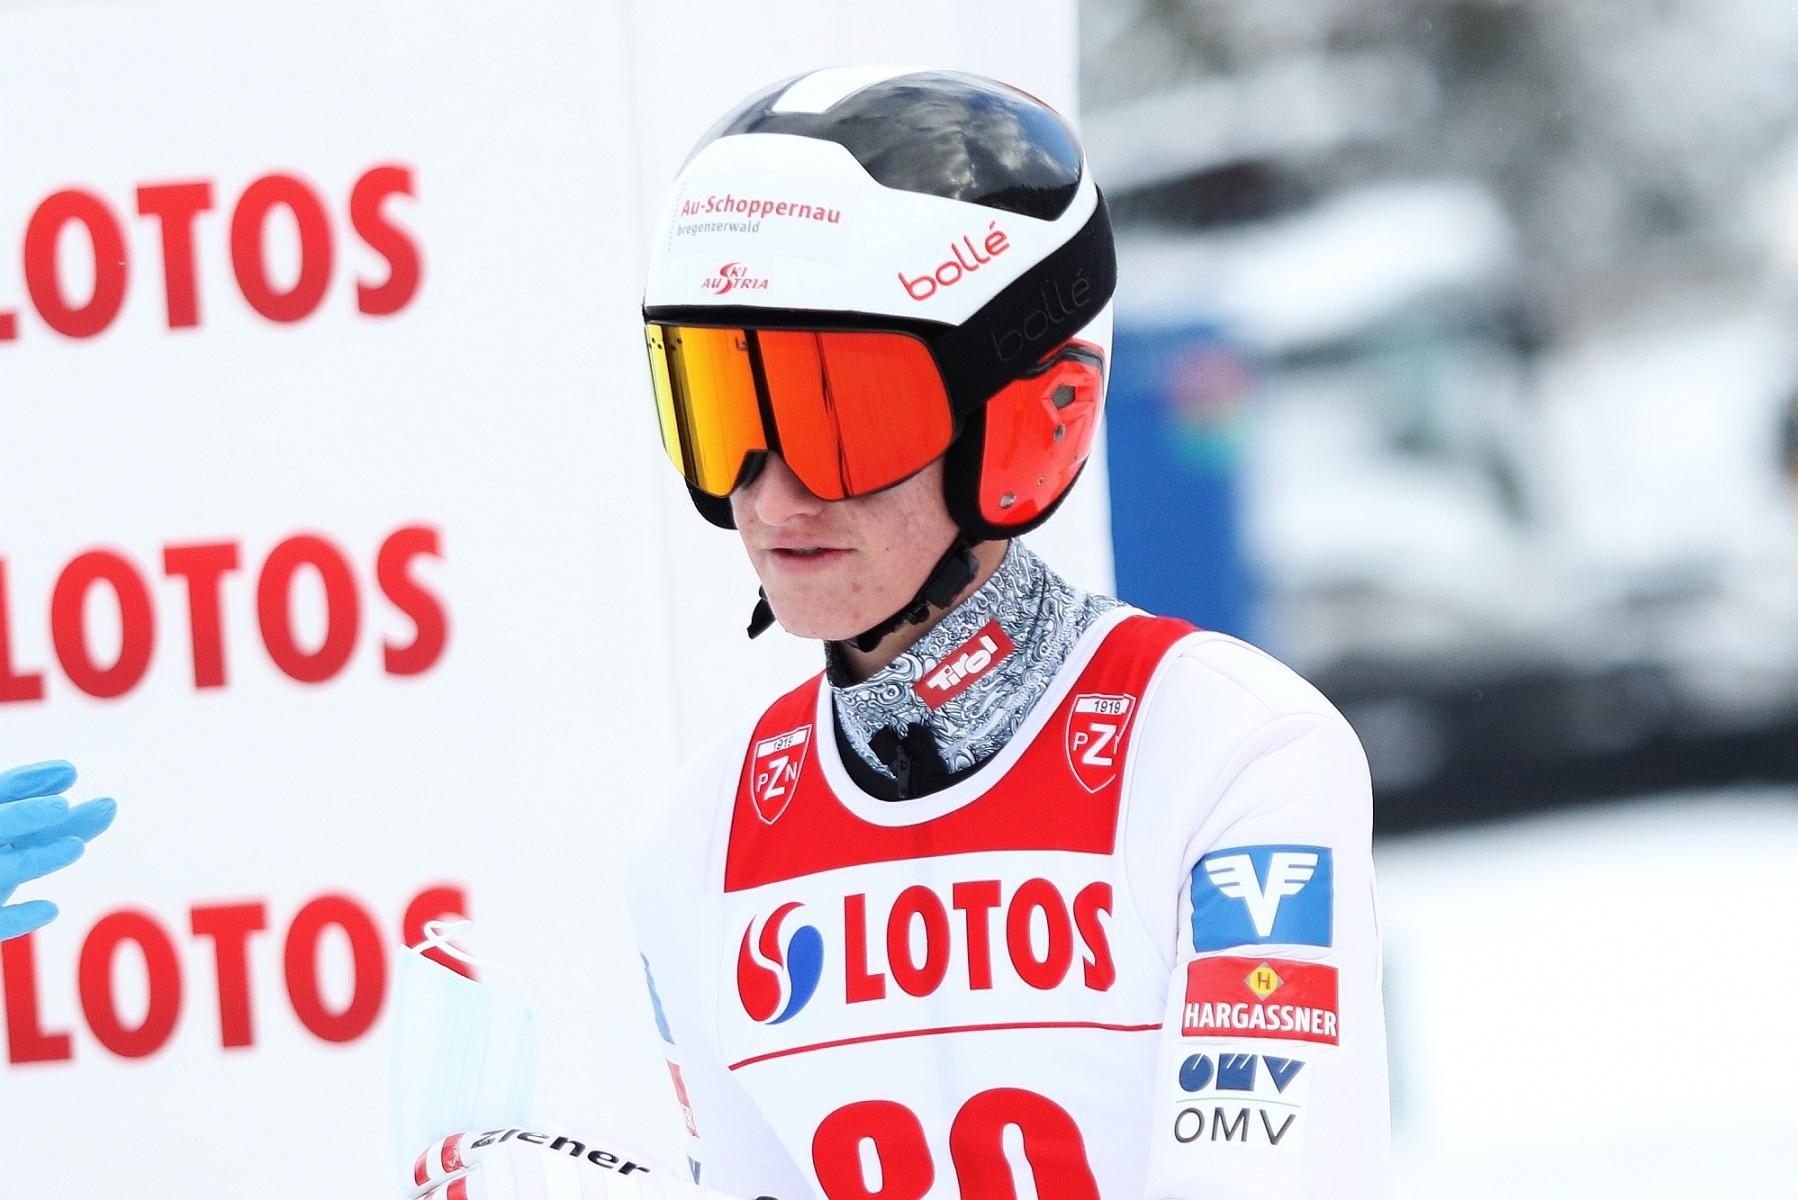 FIS Cup Zakopane 2021 1konkurs fotJuliaPiatkowska 51 - Obrońca Kryształowej Kuli wróci do rywalizacji w Lahti, debiut w austriackiej drużynie